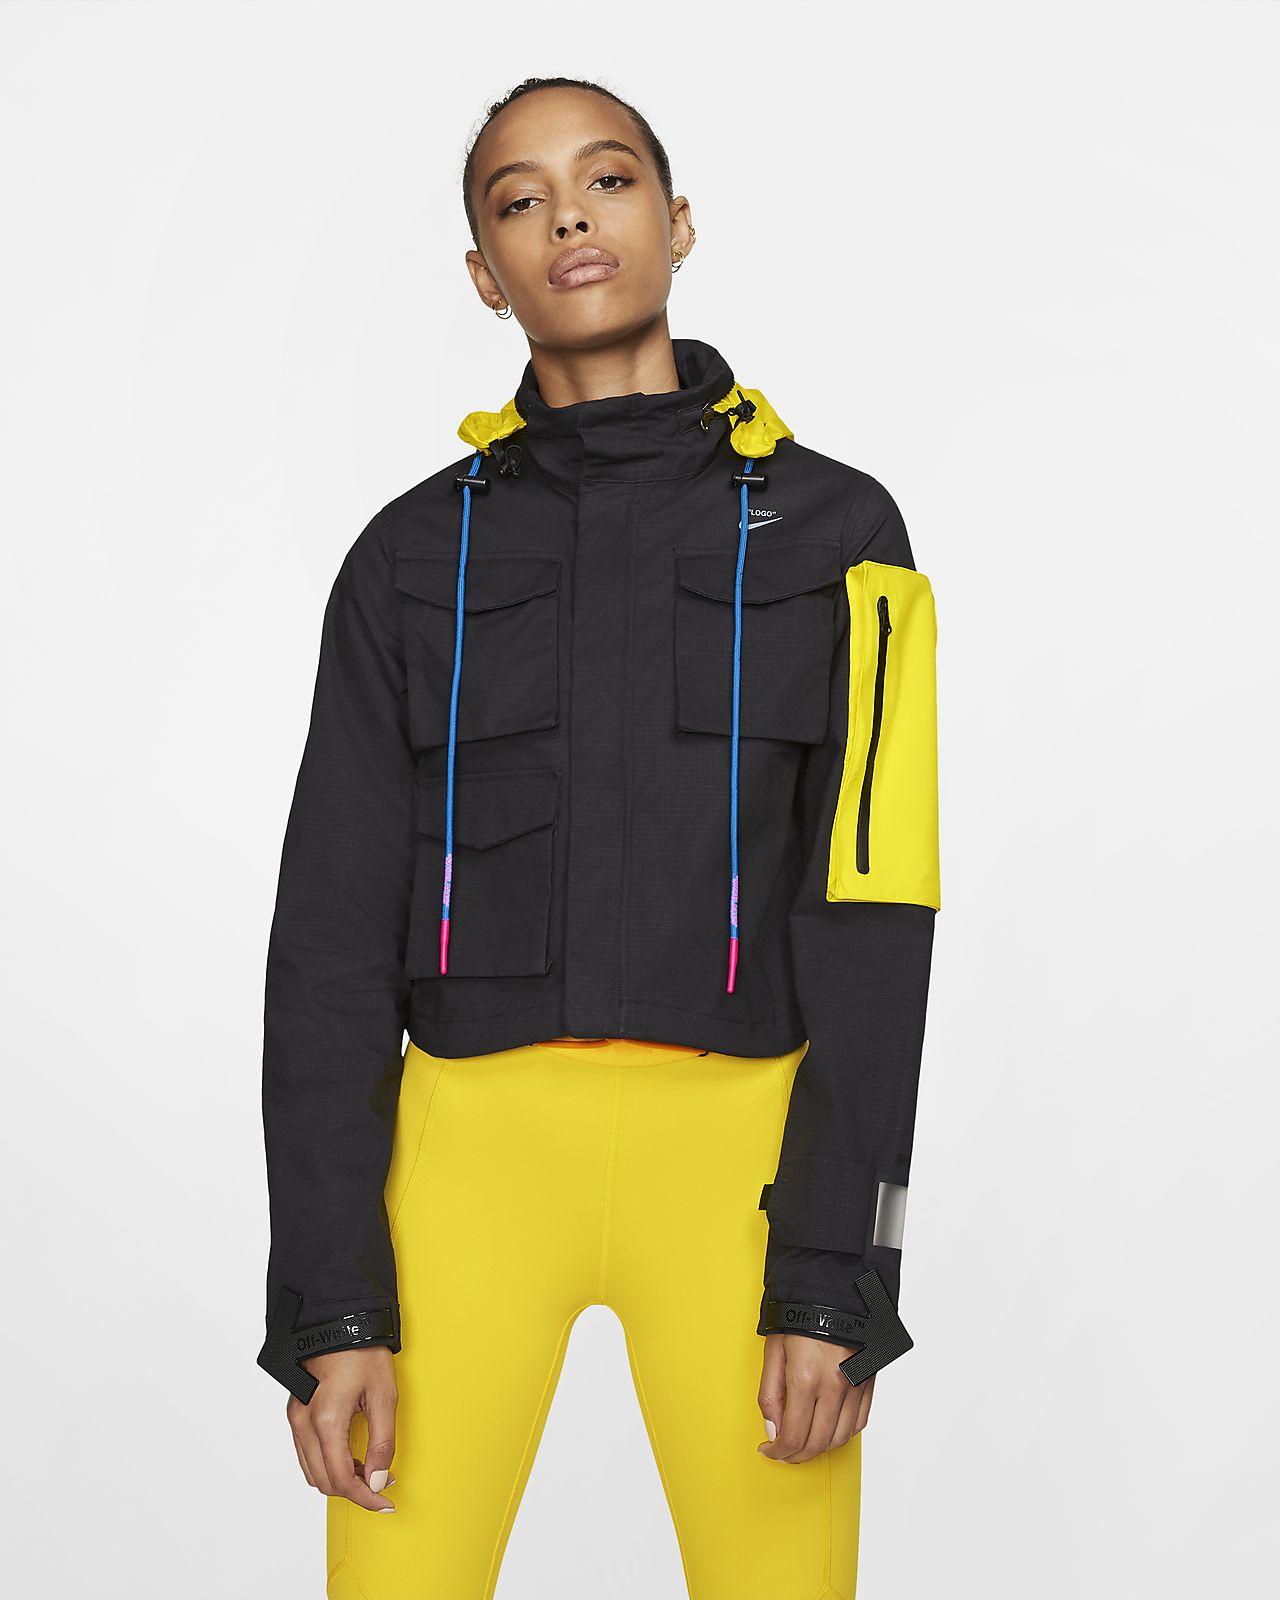 เสื้อแจ็คเก็ตวิ่งผู้หญิง Nike x Off-White